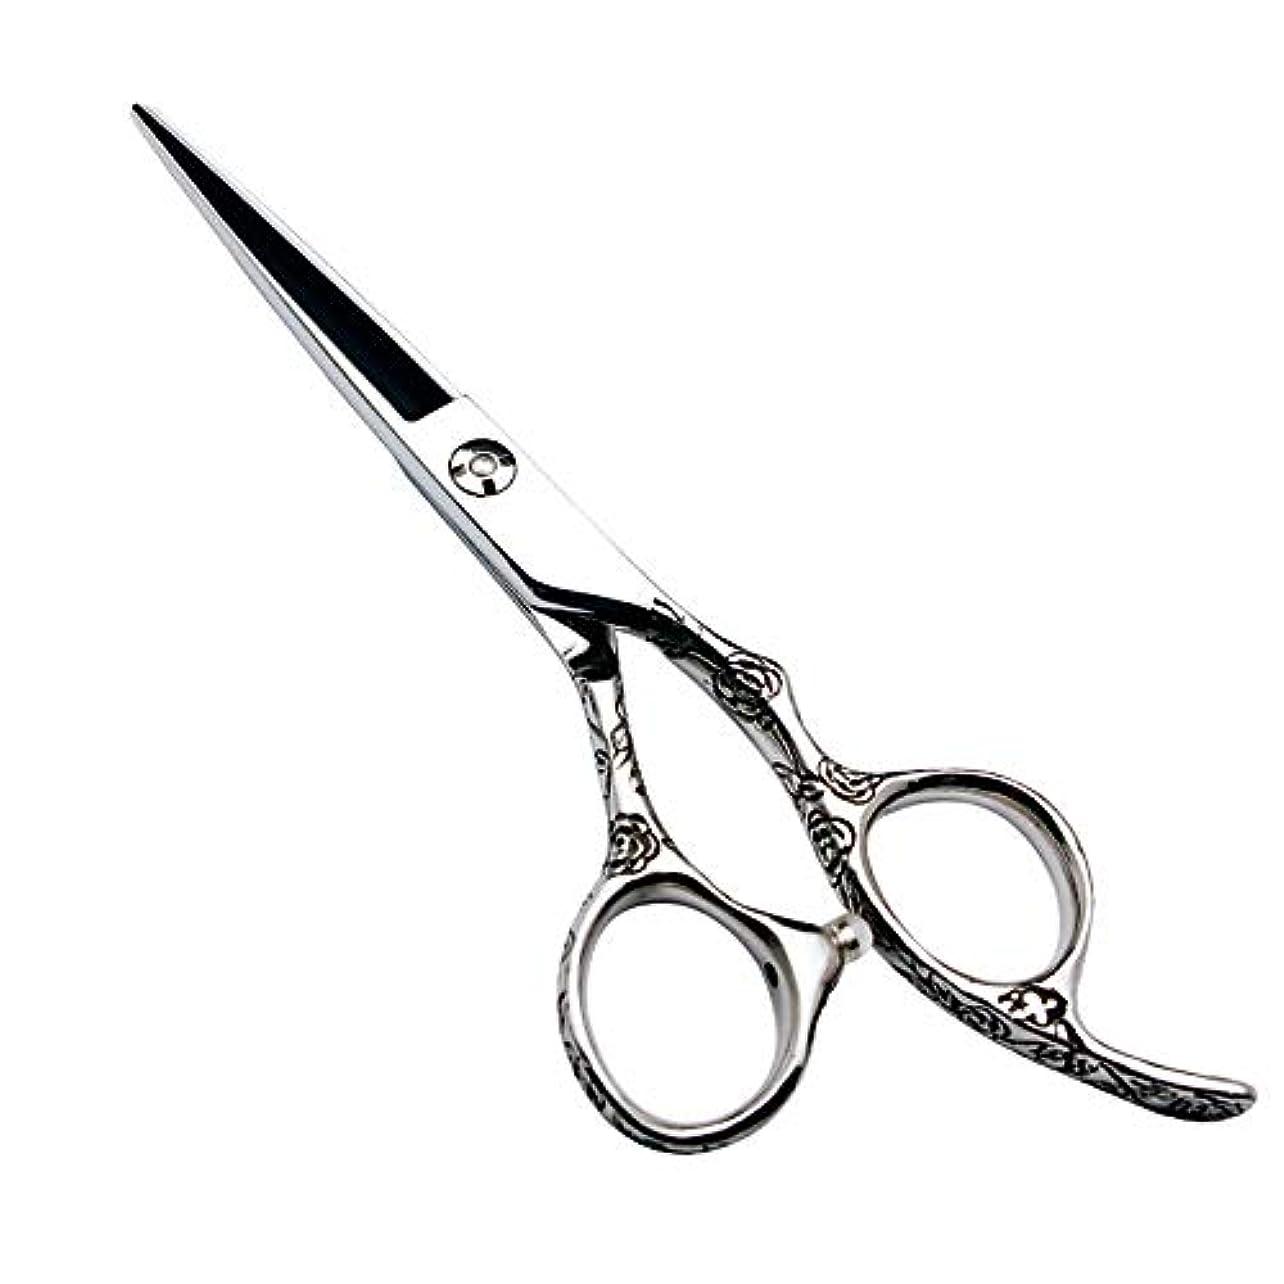 キャメル上流の展開する理髪用はさみ 6インチ美容院プロフェッショナル理髪セット理髪はさみ、ローズハンドル440 cヘアカット鋏ステンレス理髪はさみ (色 : Silver)